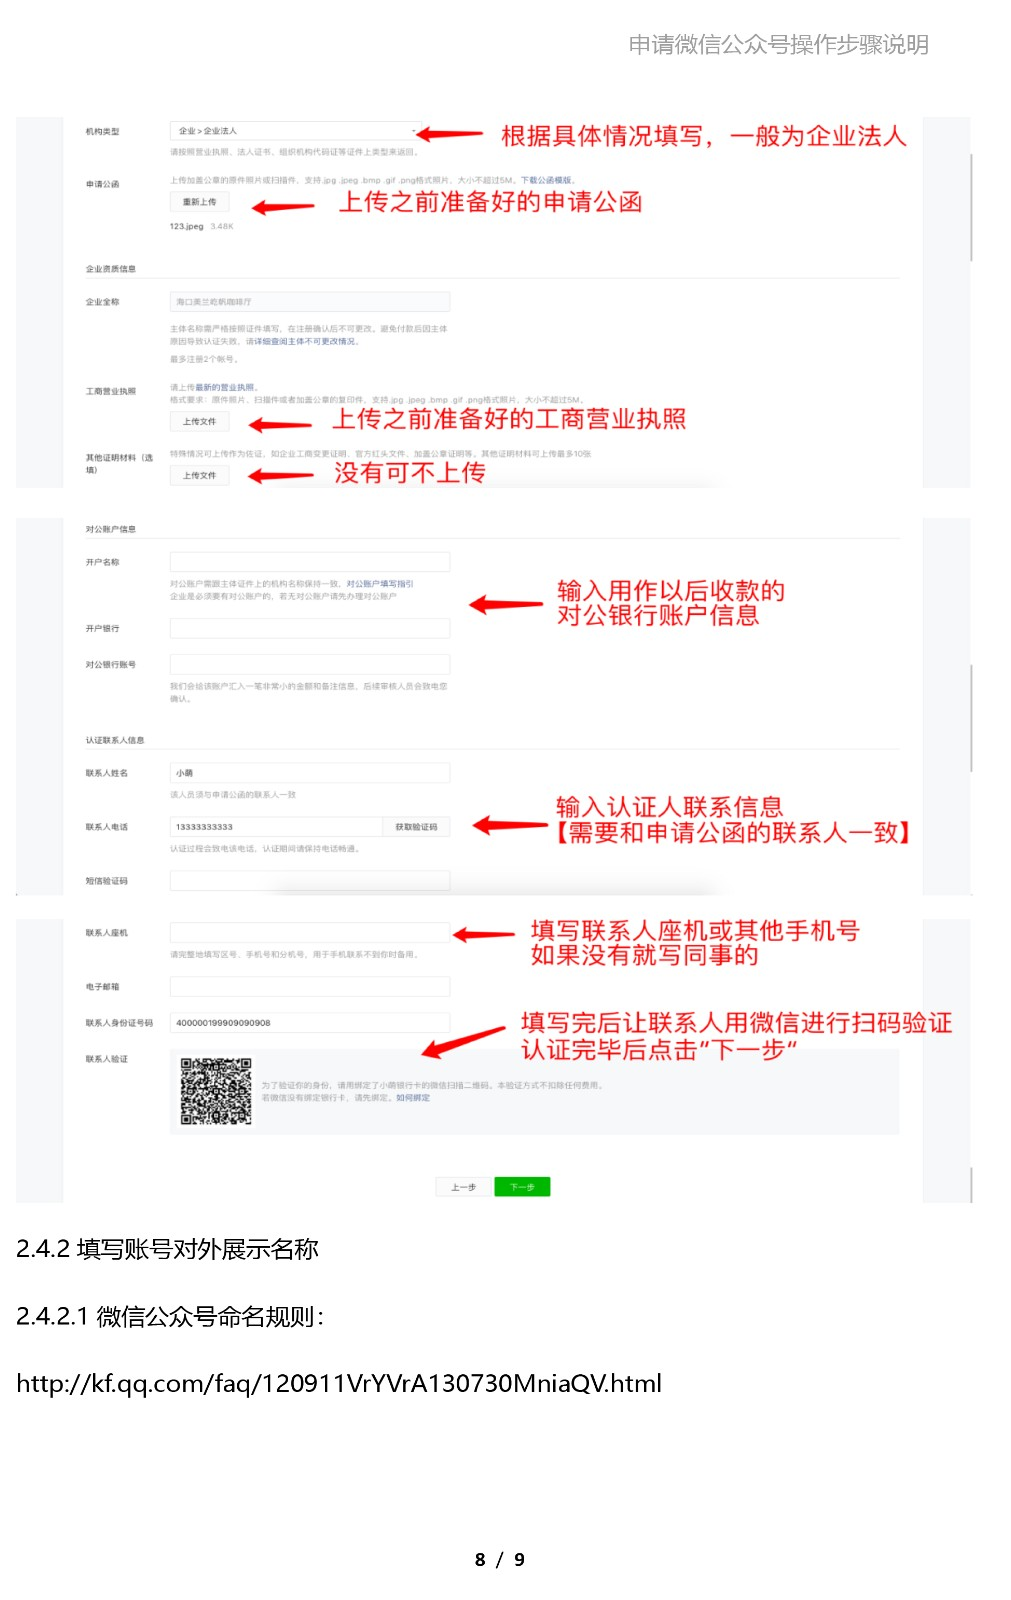 课程2附件、申请微信公众号操作步骤说明-8.jpg